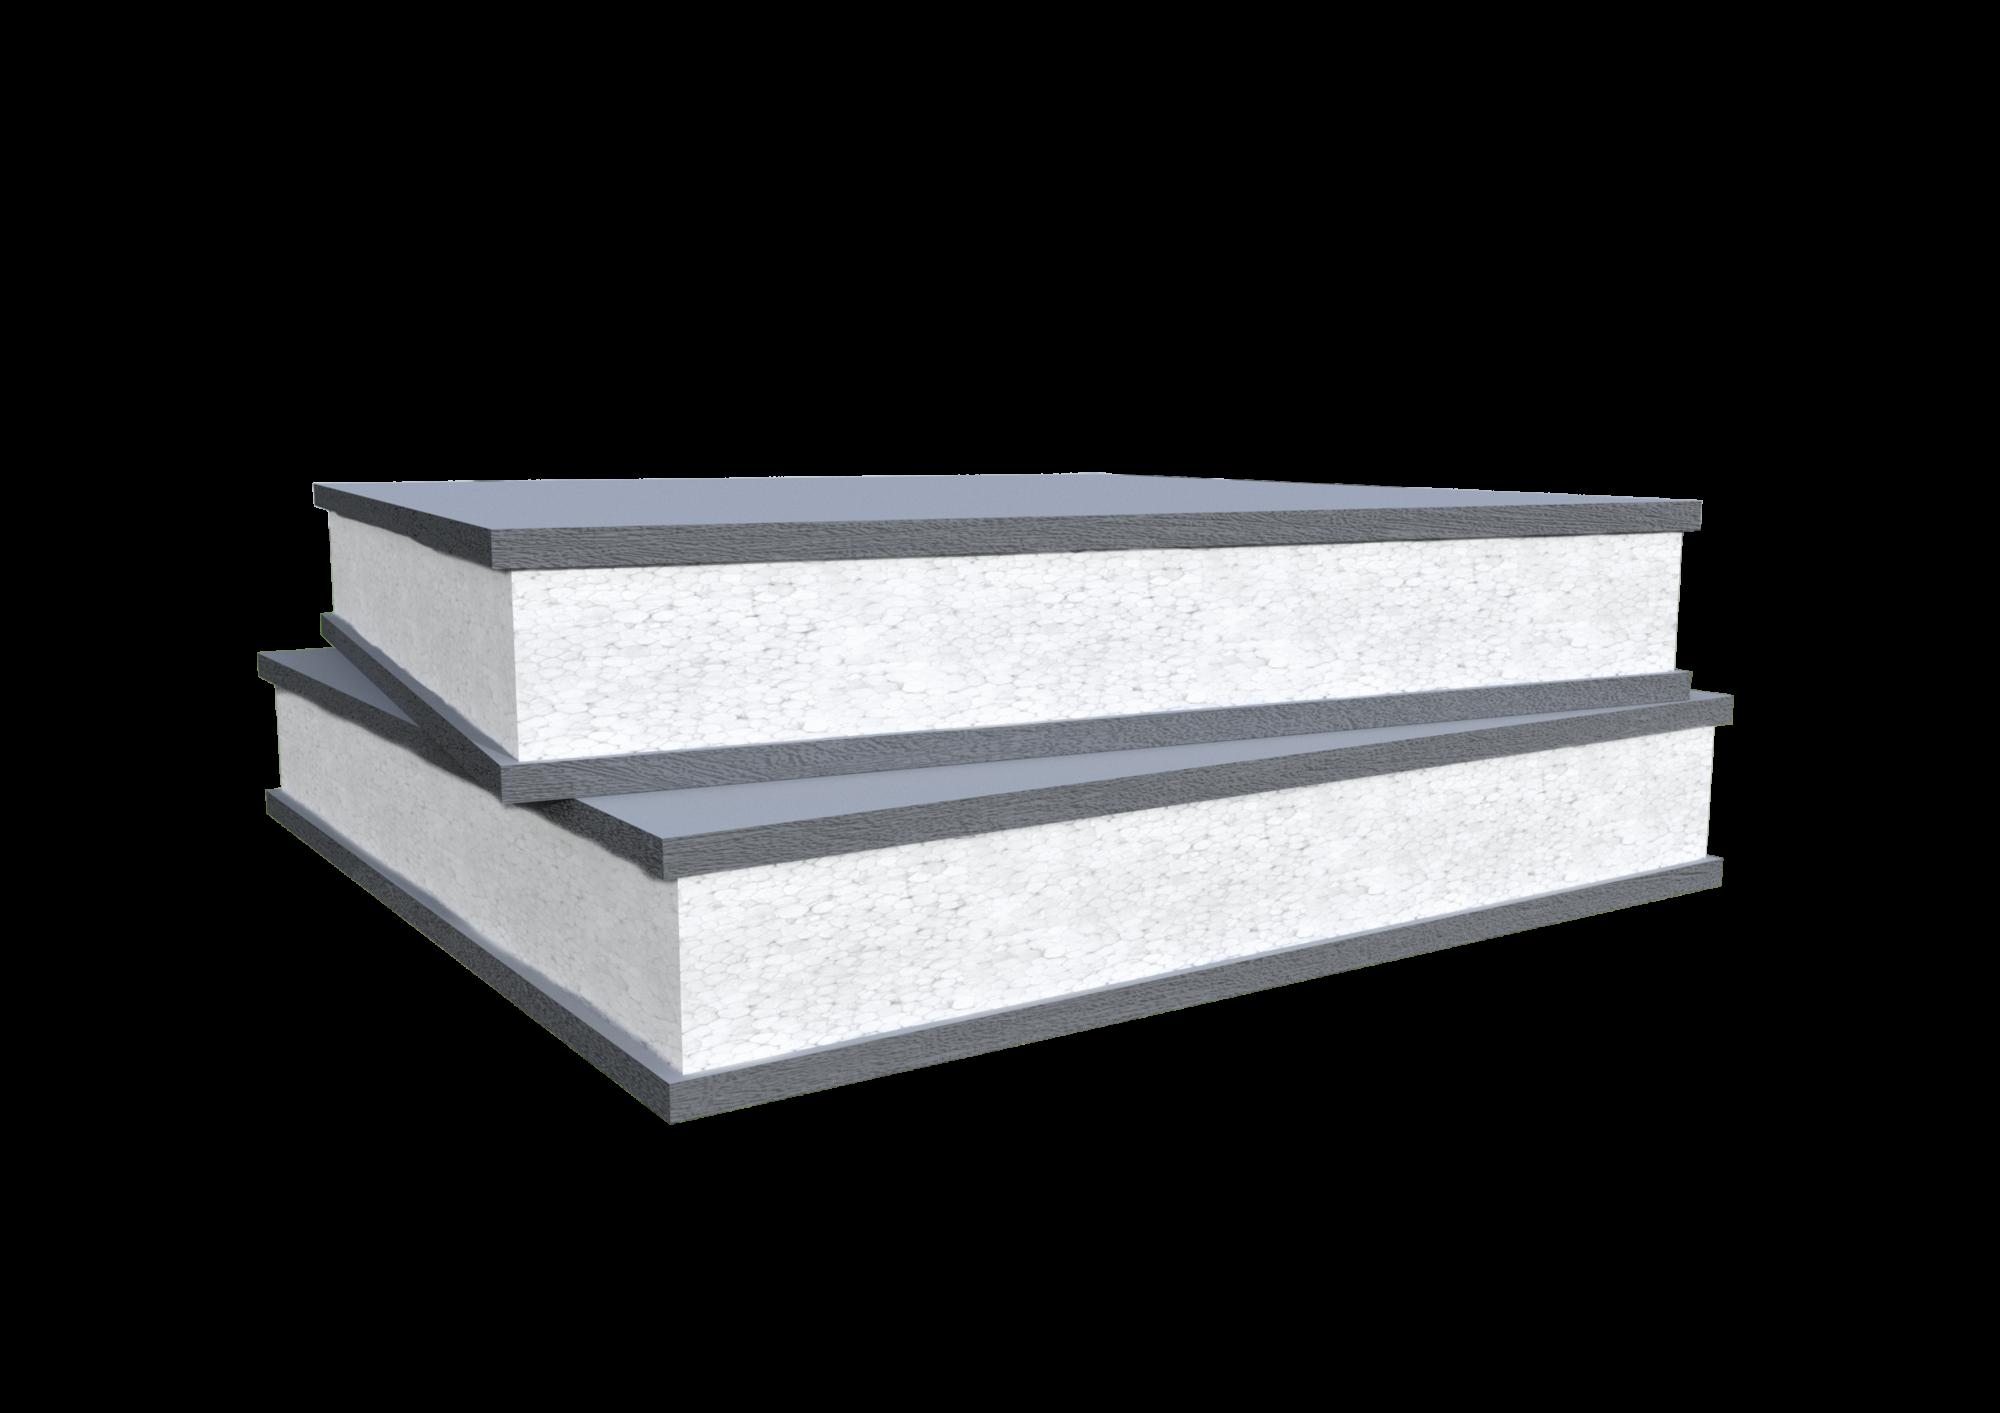 Цементно-стружечная плита:применение, технические характеристики